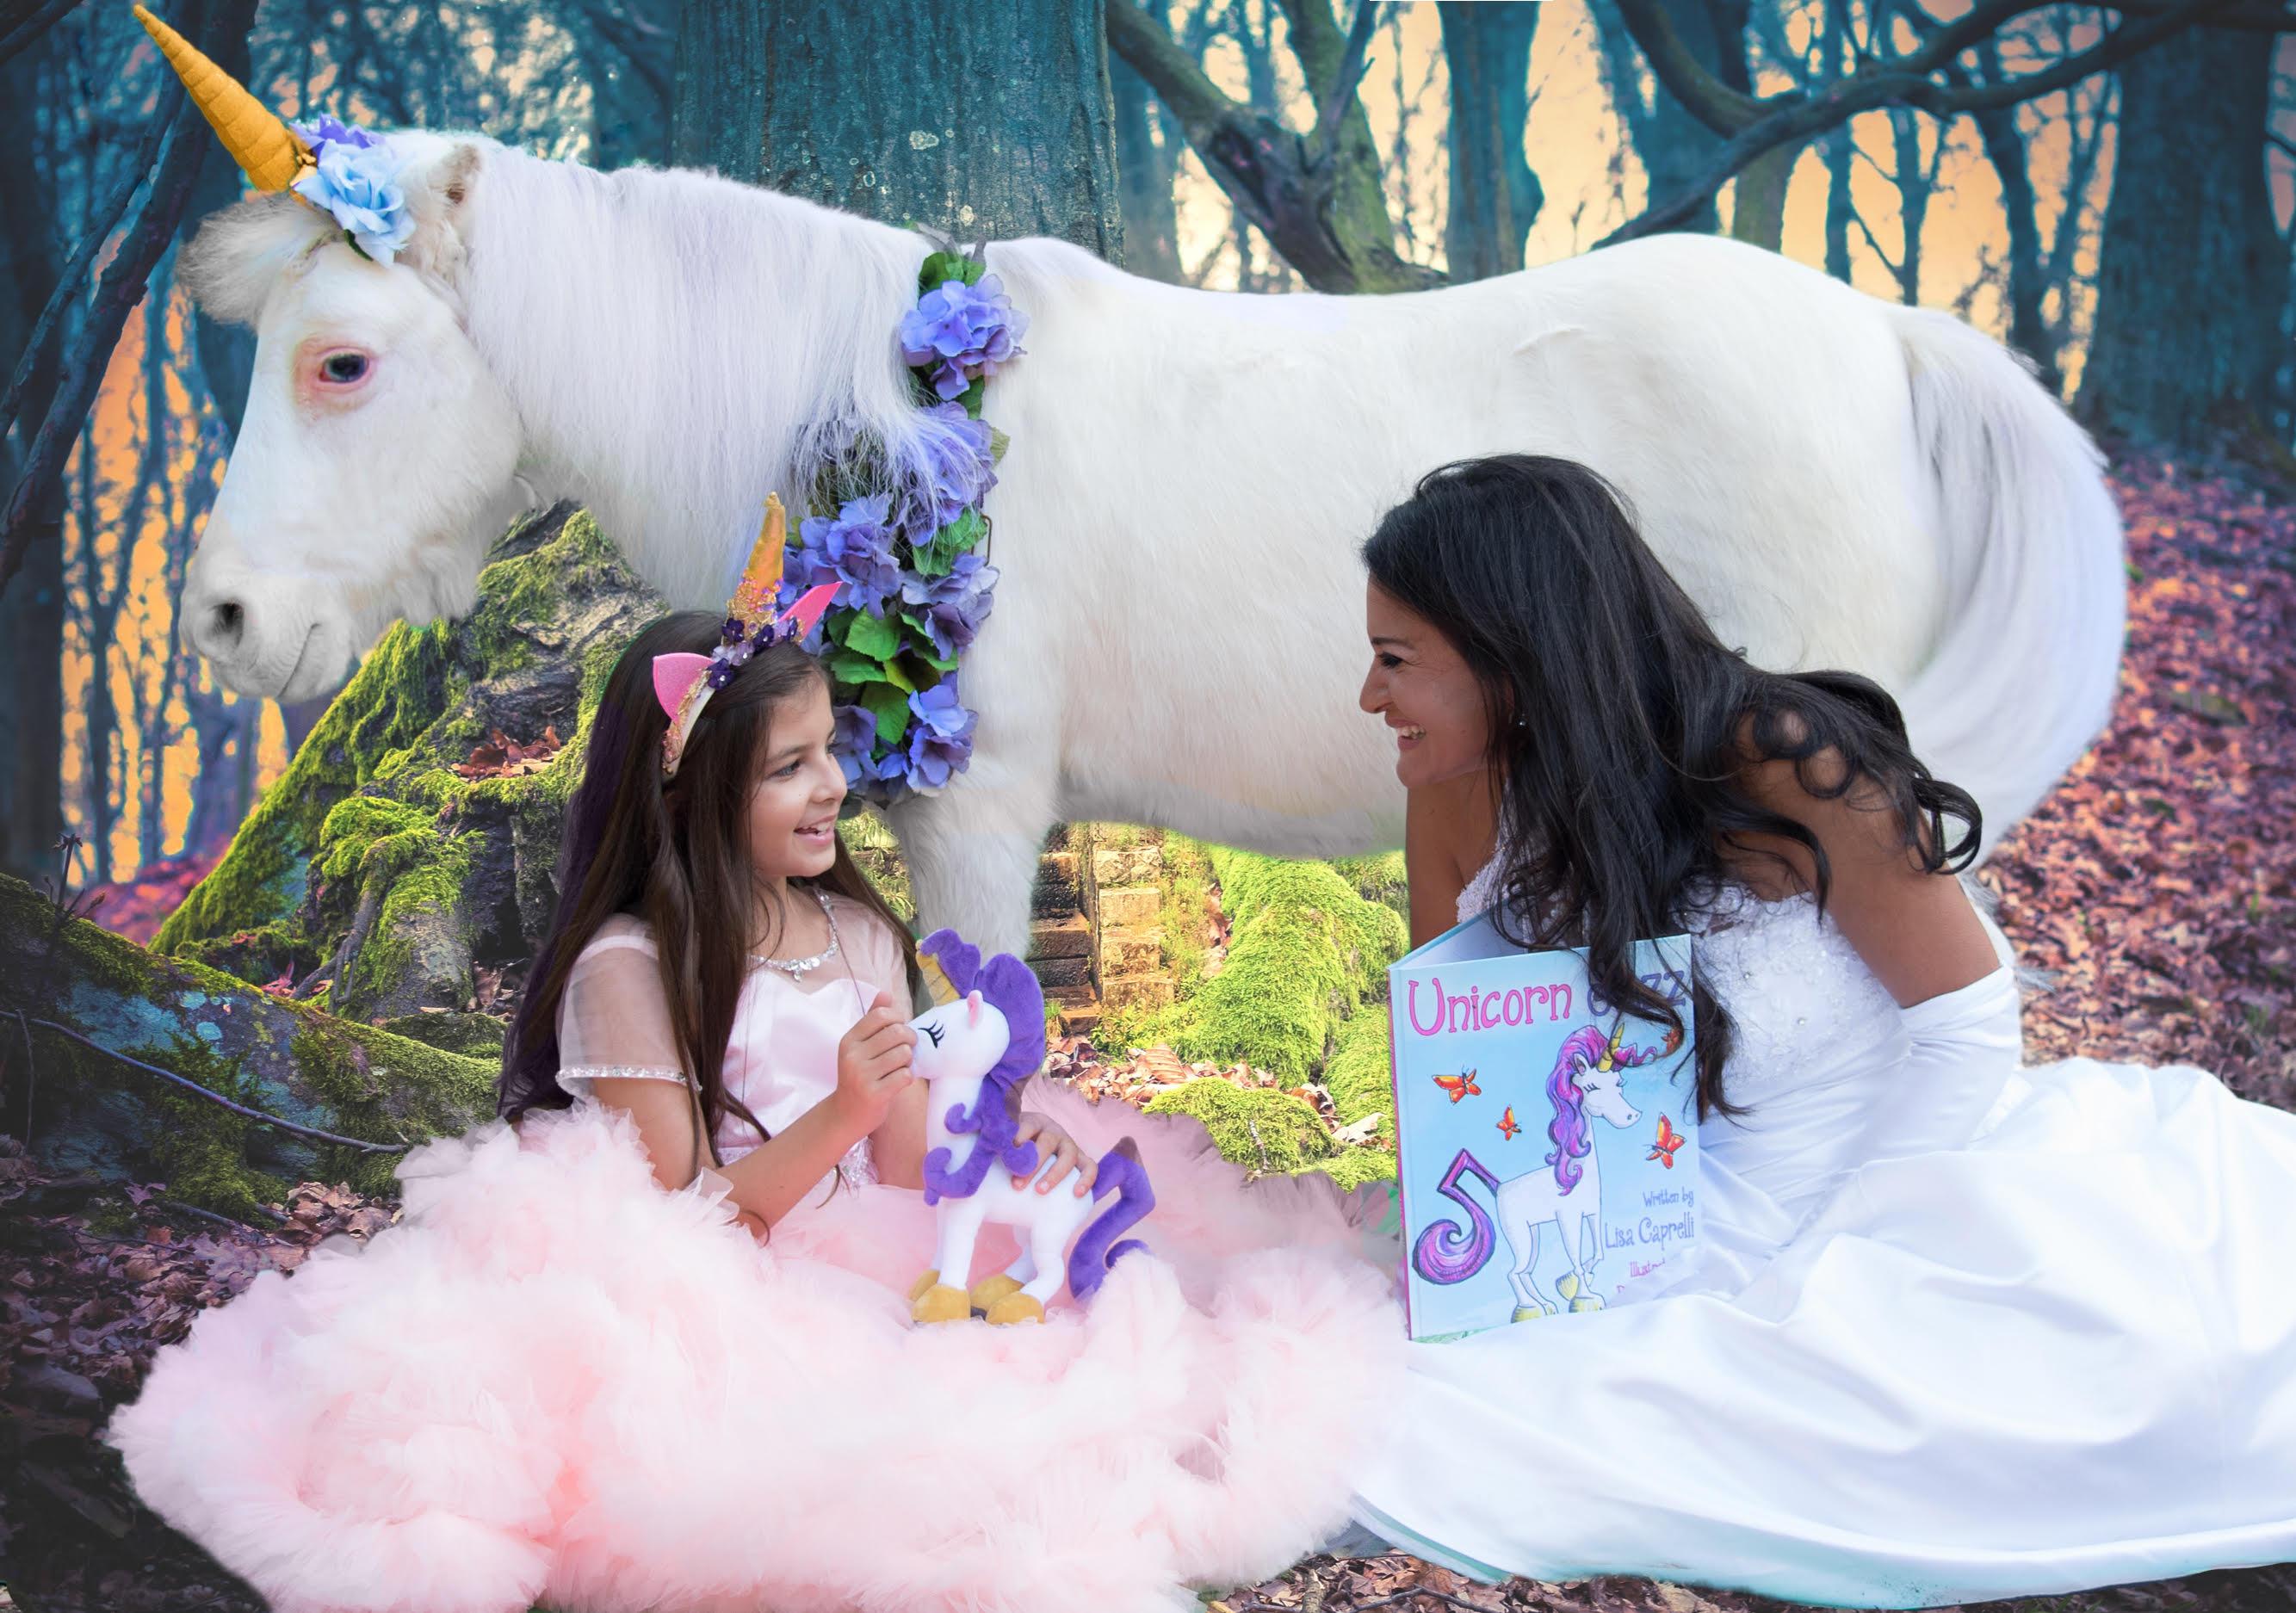 unicorn plush toy animal gift set